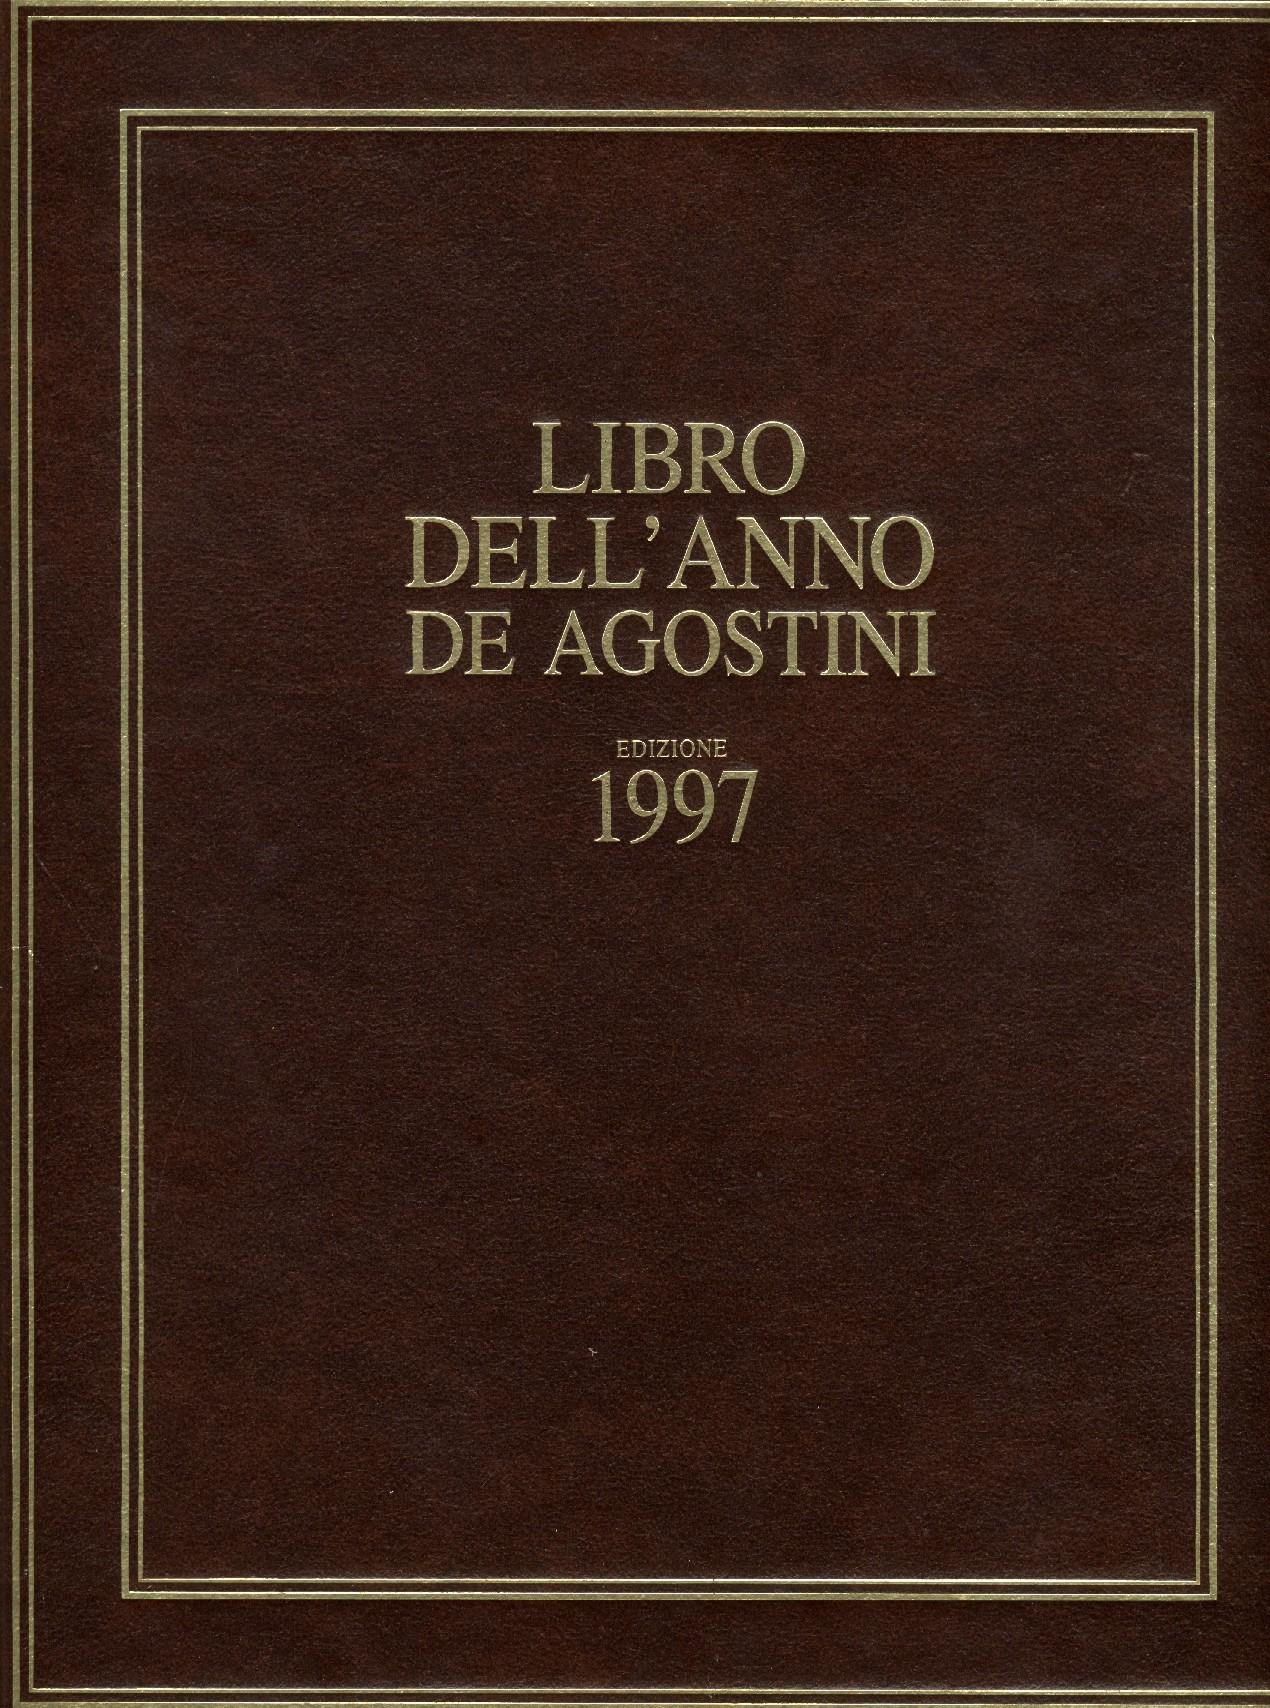 Libro dell'anno De Agostini Edizione 1997